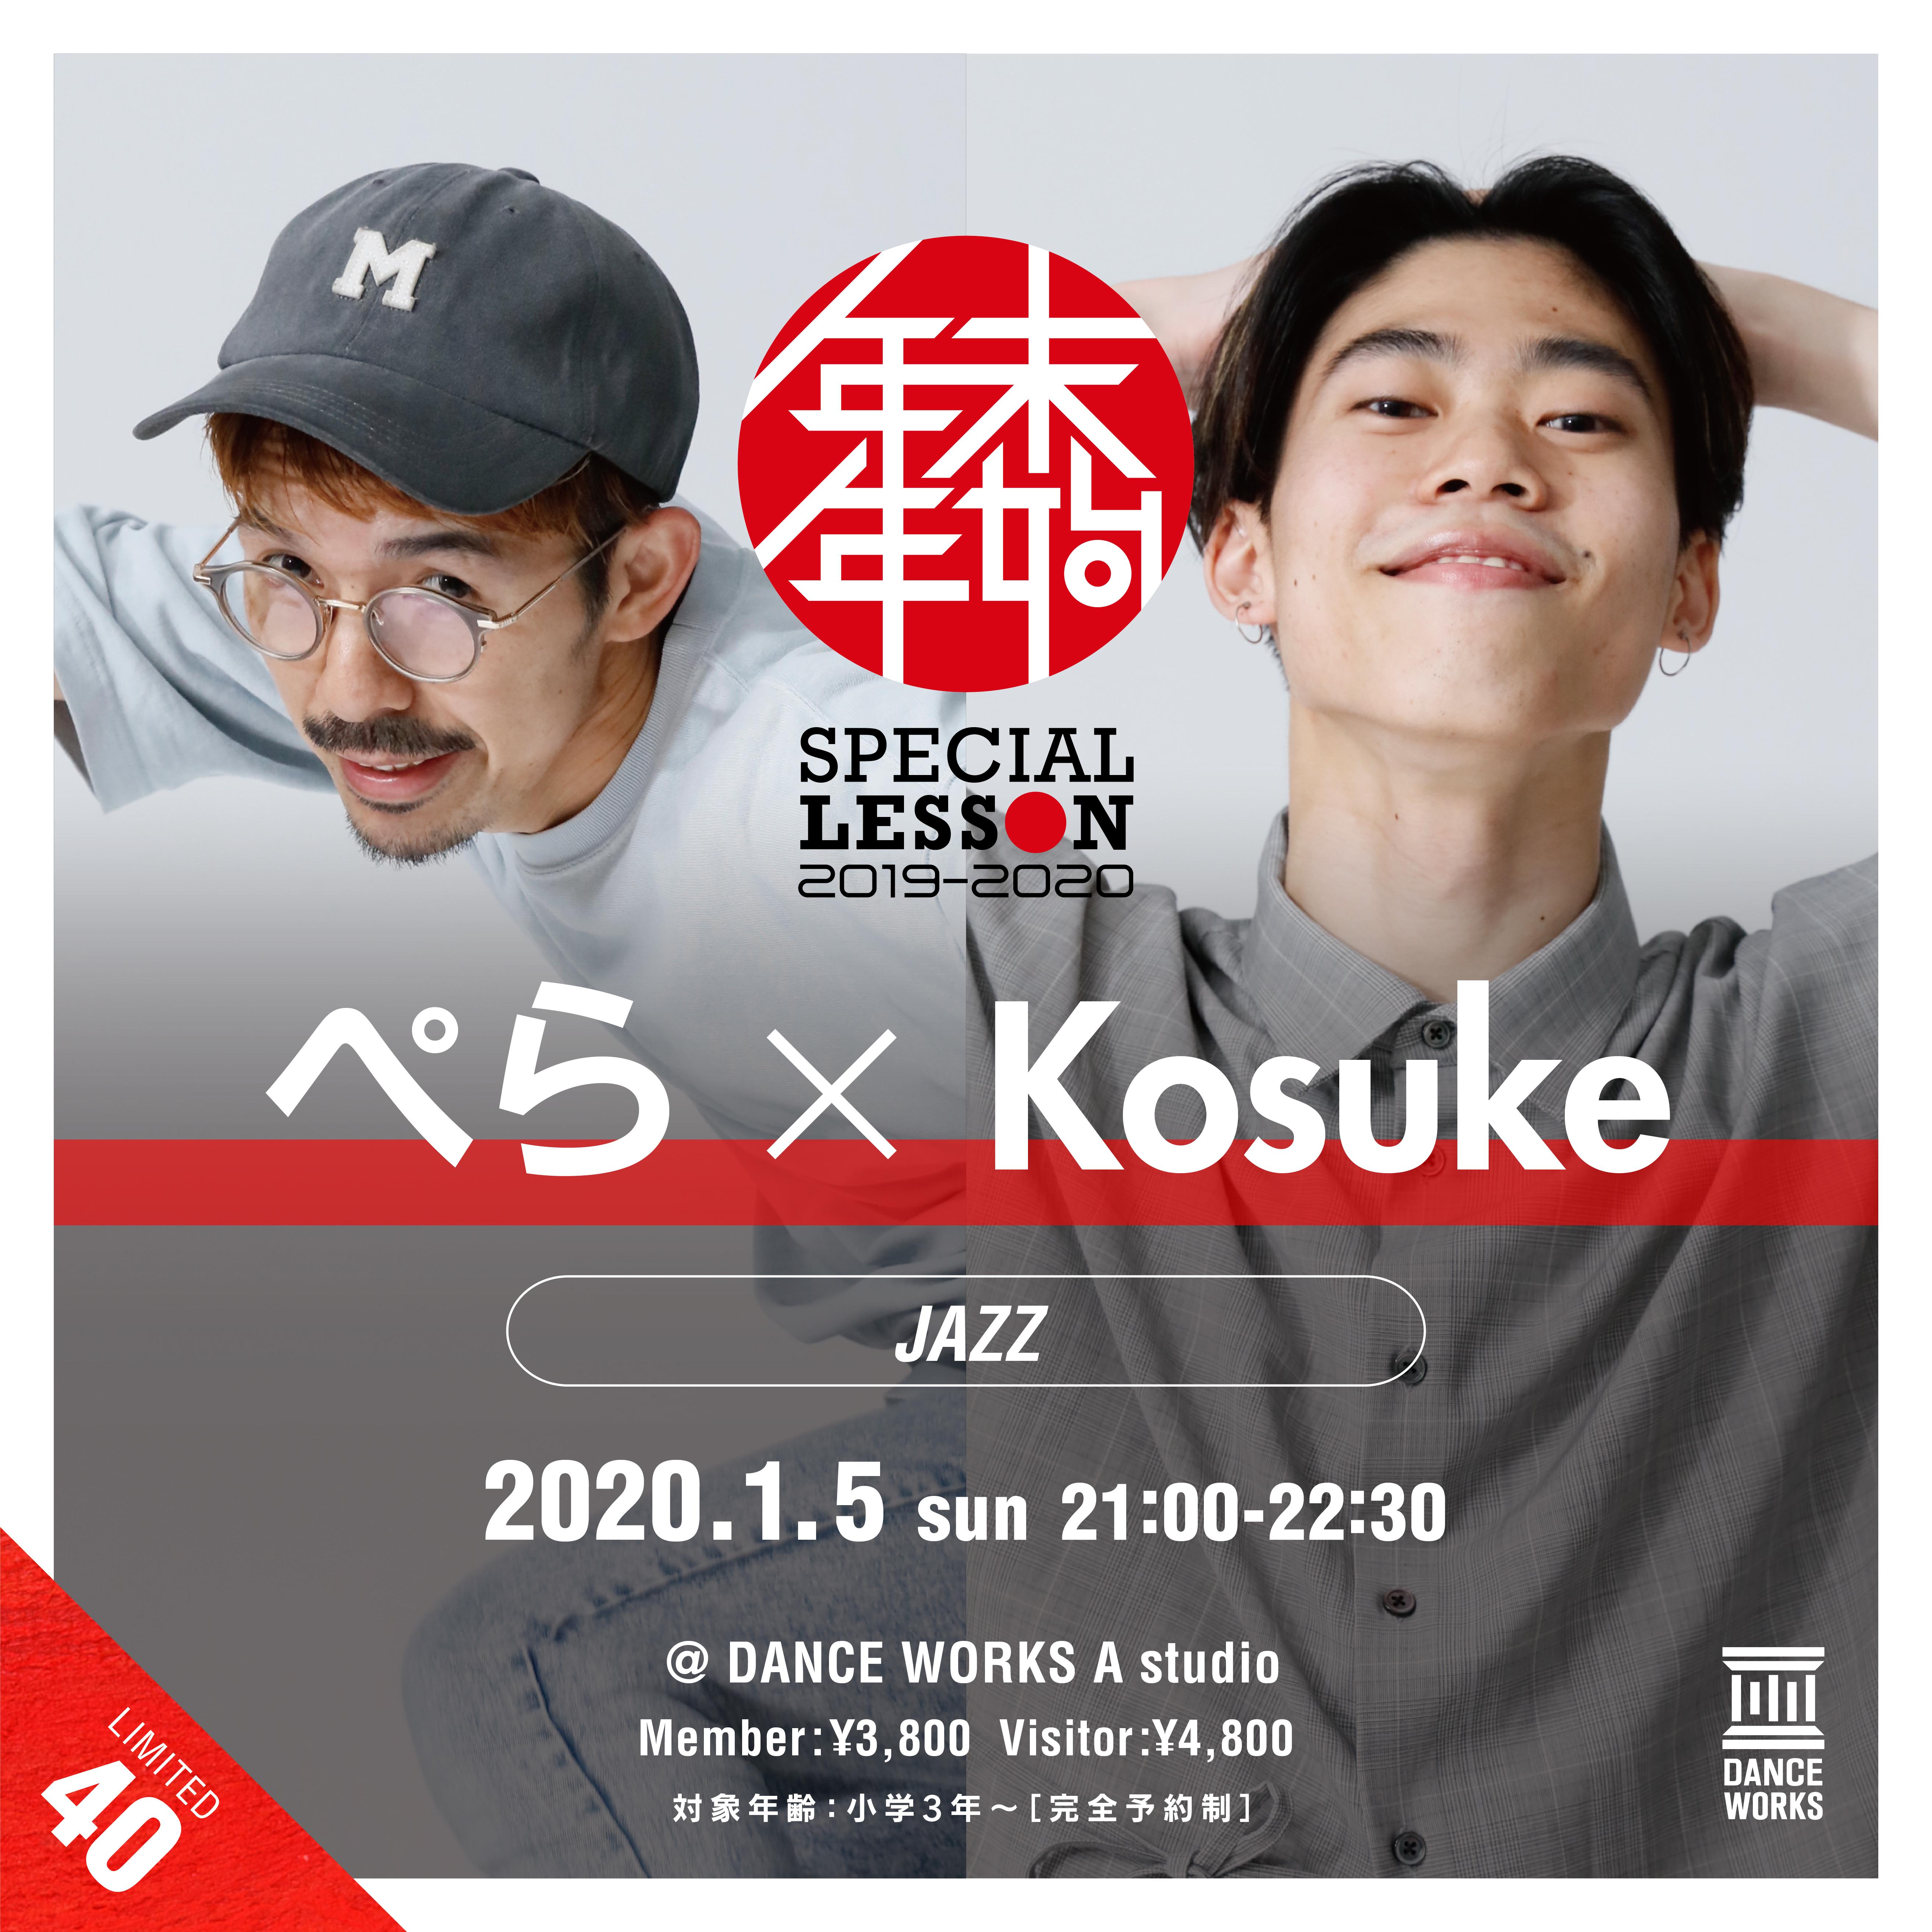 記事「DANCE WORKS年末年始企画【ぺら&Kosuke】JAZZ ワークショップ開催決定!!」の画像